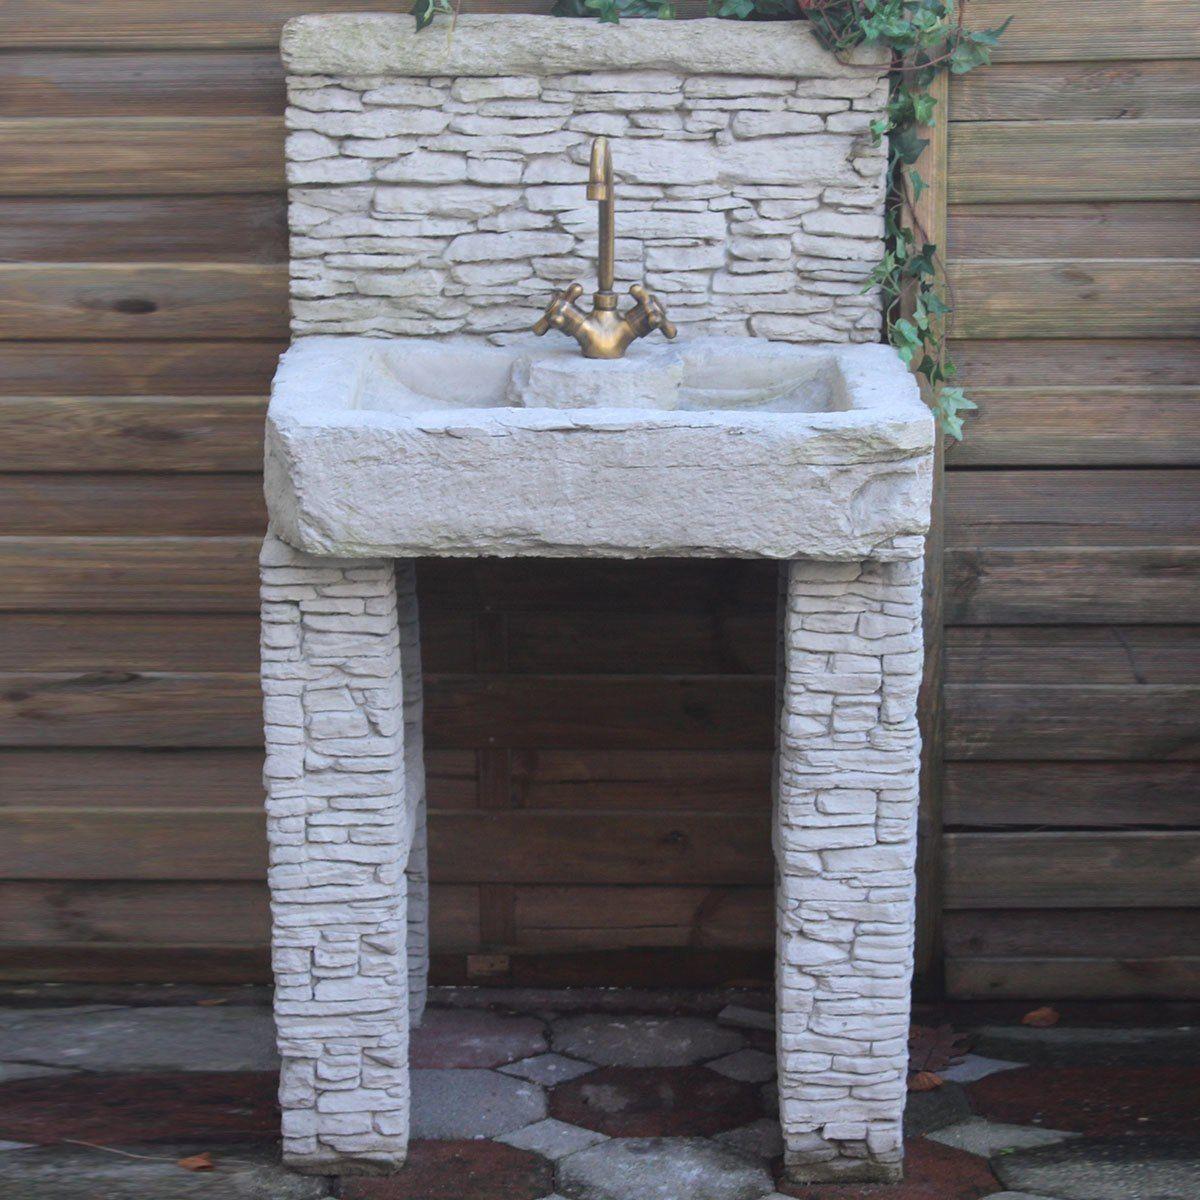 Waschbecken Für Draußen Garten Das Wird Deinen Morgen Erhellen Von